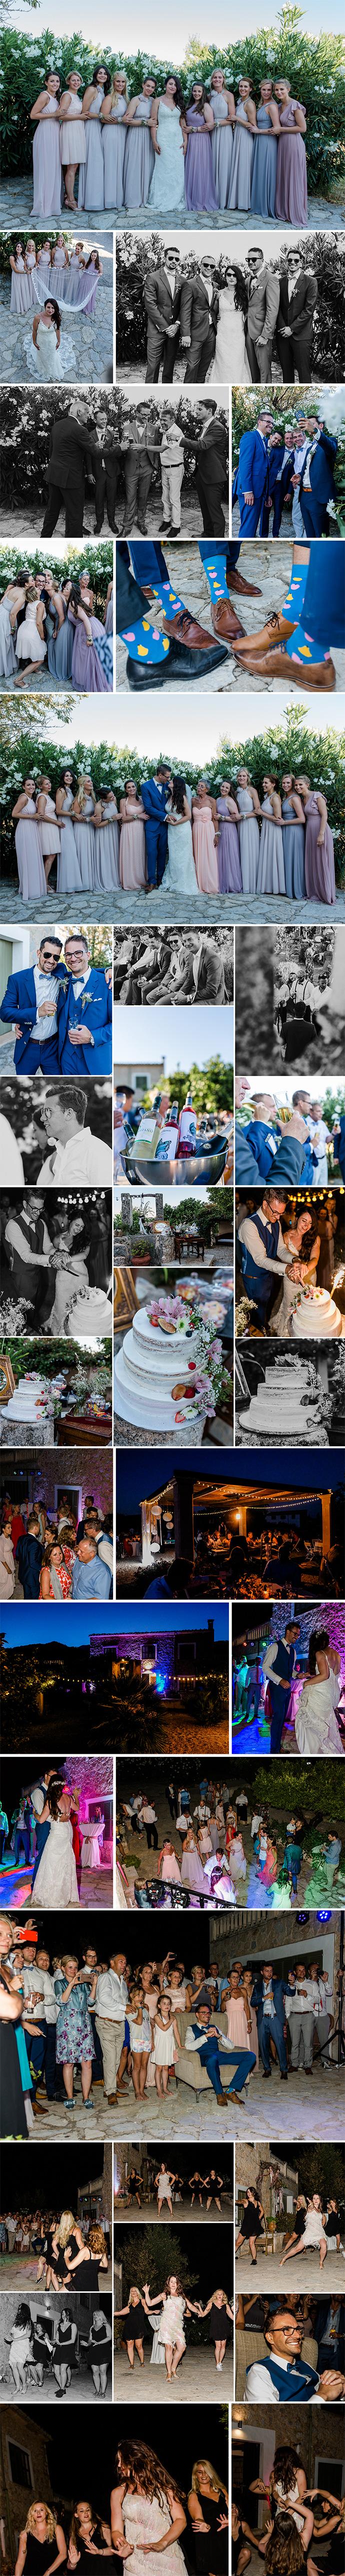 Heiraten EXKLUSIV Gruppenfotos Hochzeitstorte Party